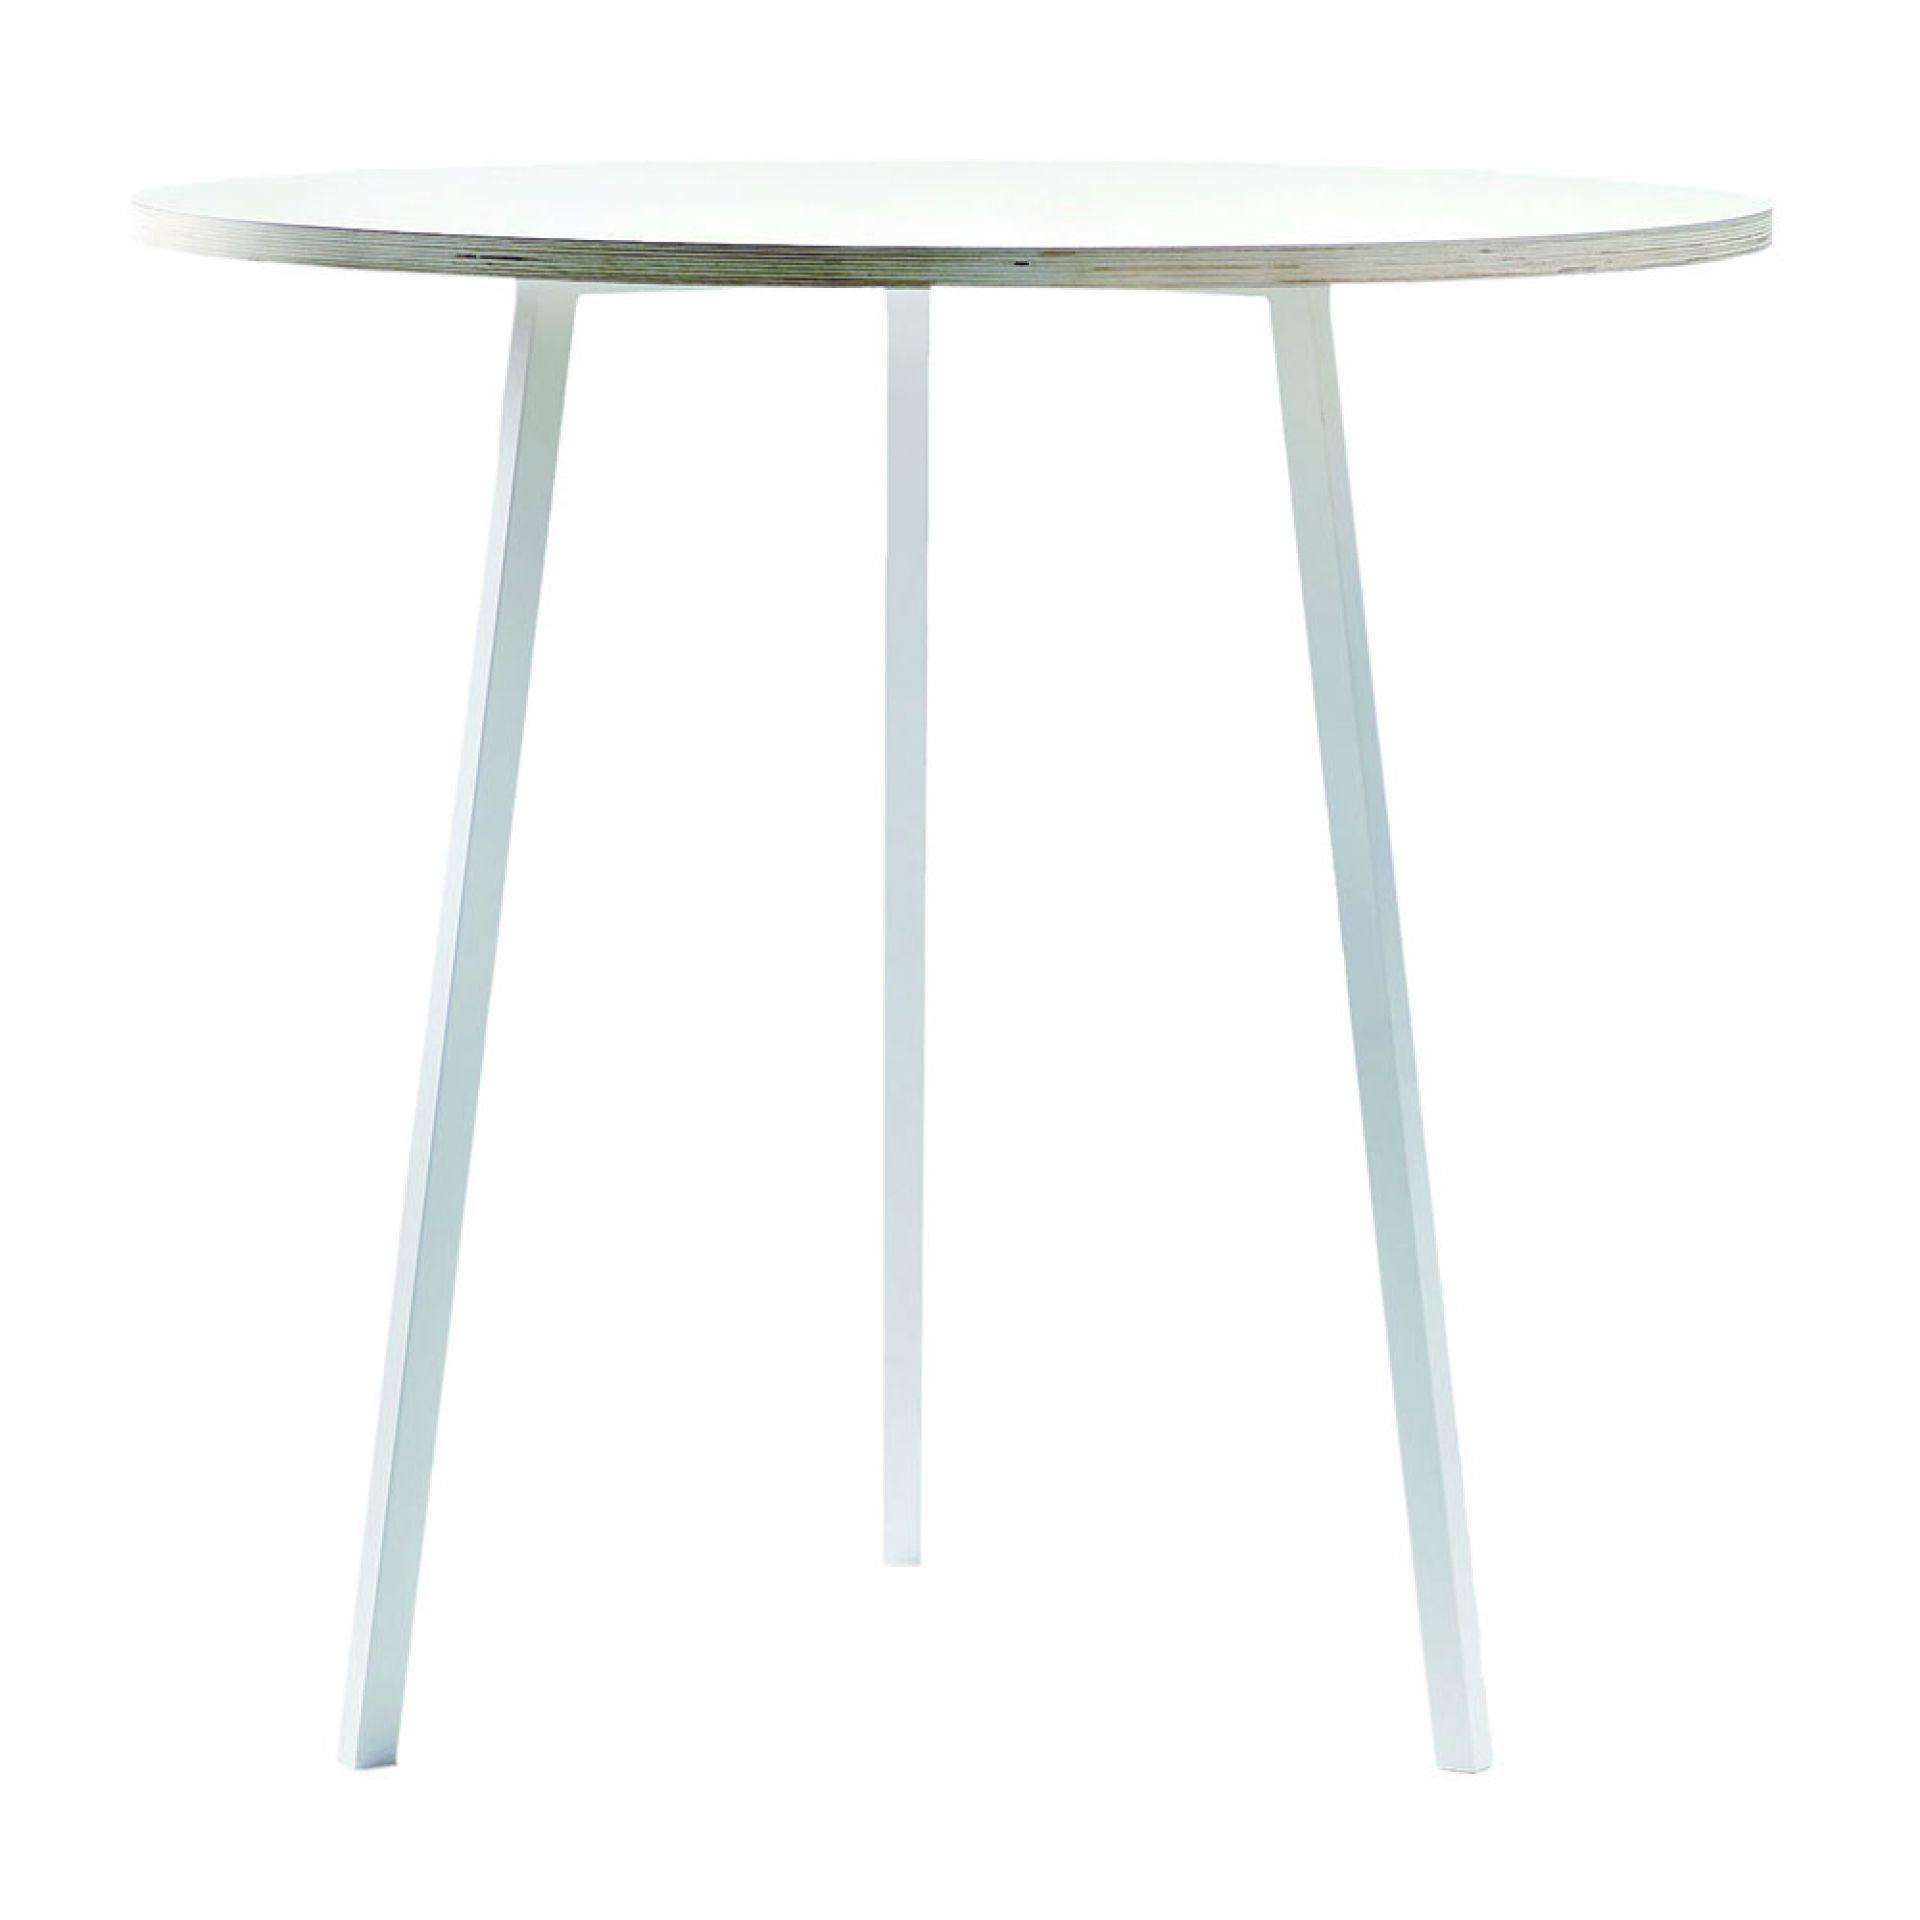 Loop Stand Round Table Tisch rund H 97 cm Hay